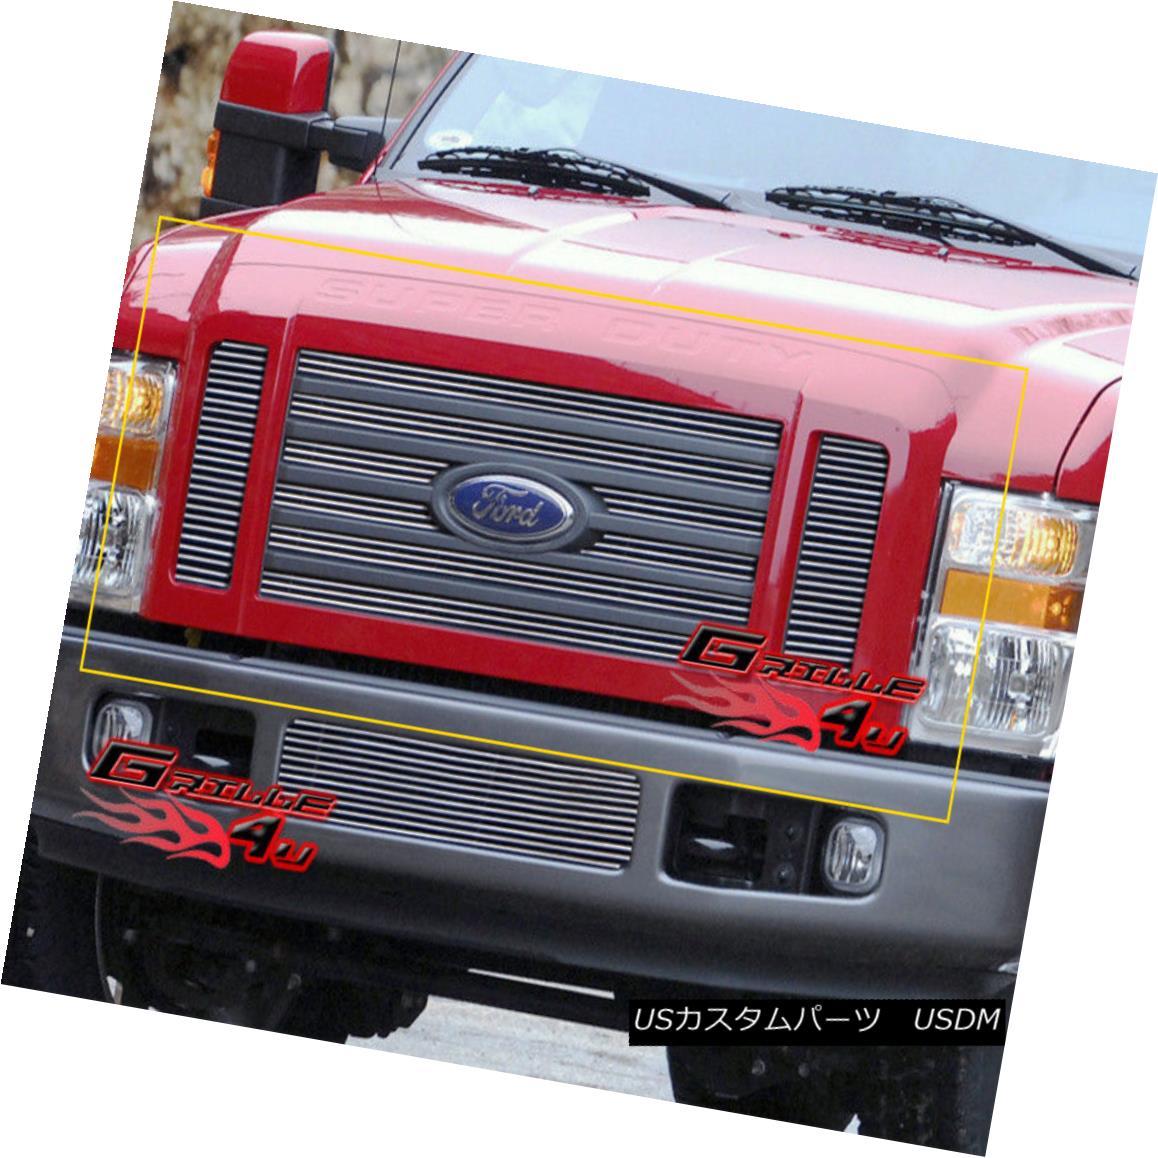 グリル Fits 08-10 Ford F250/F350/F450/F550 Super Duty Main Upper Billet Grille フィット08-10フォードF250 / F350 / F450 / F550スーパーDutyメインアッパービレットグリル